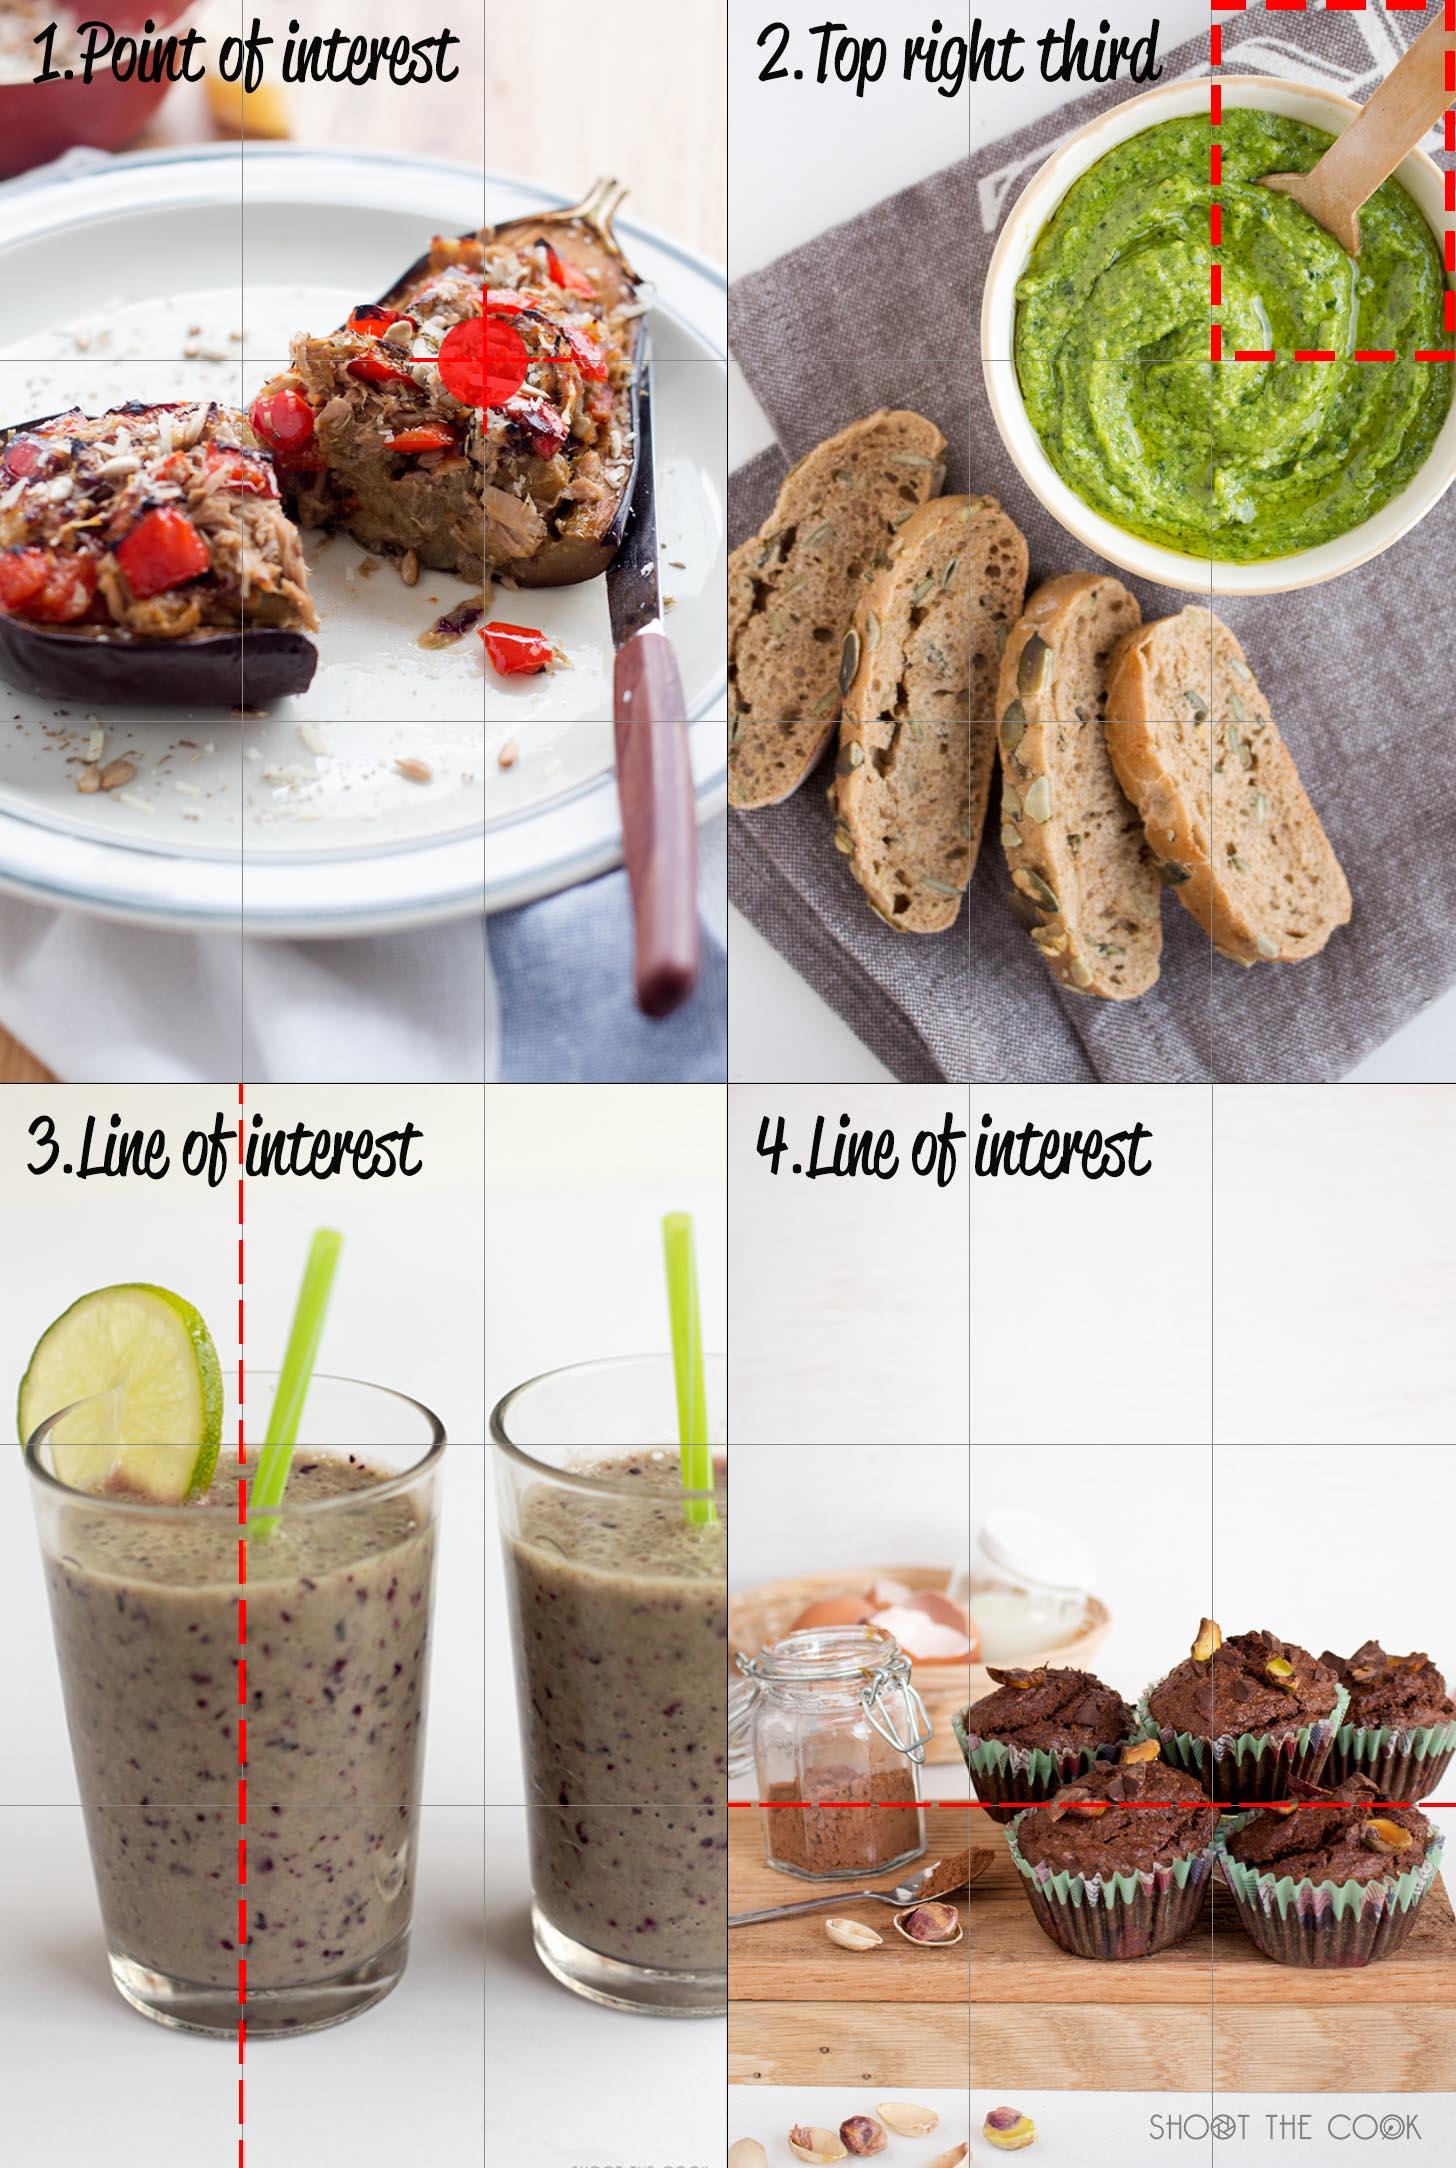 Regla de los tercios fotos comida